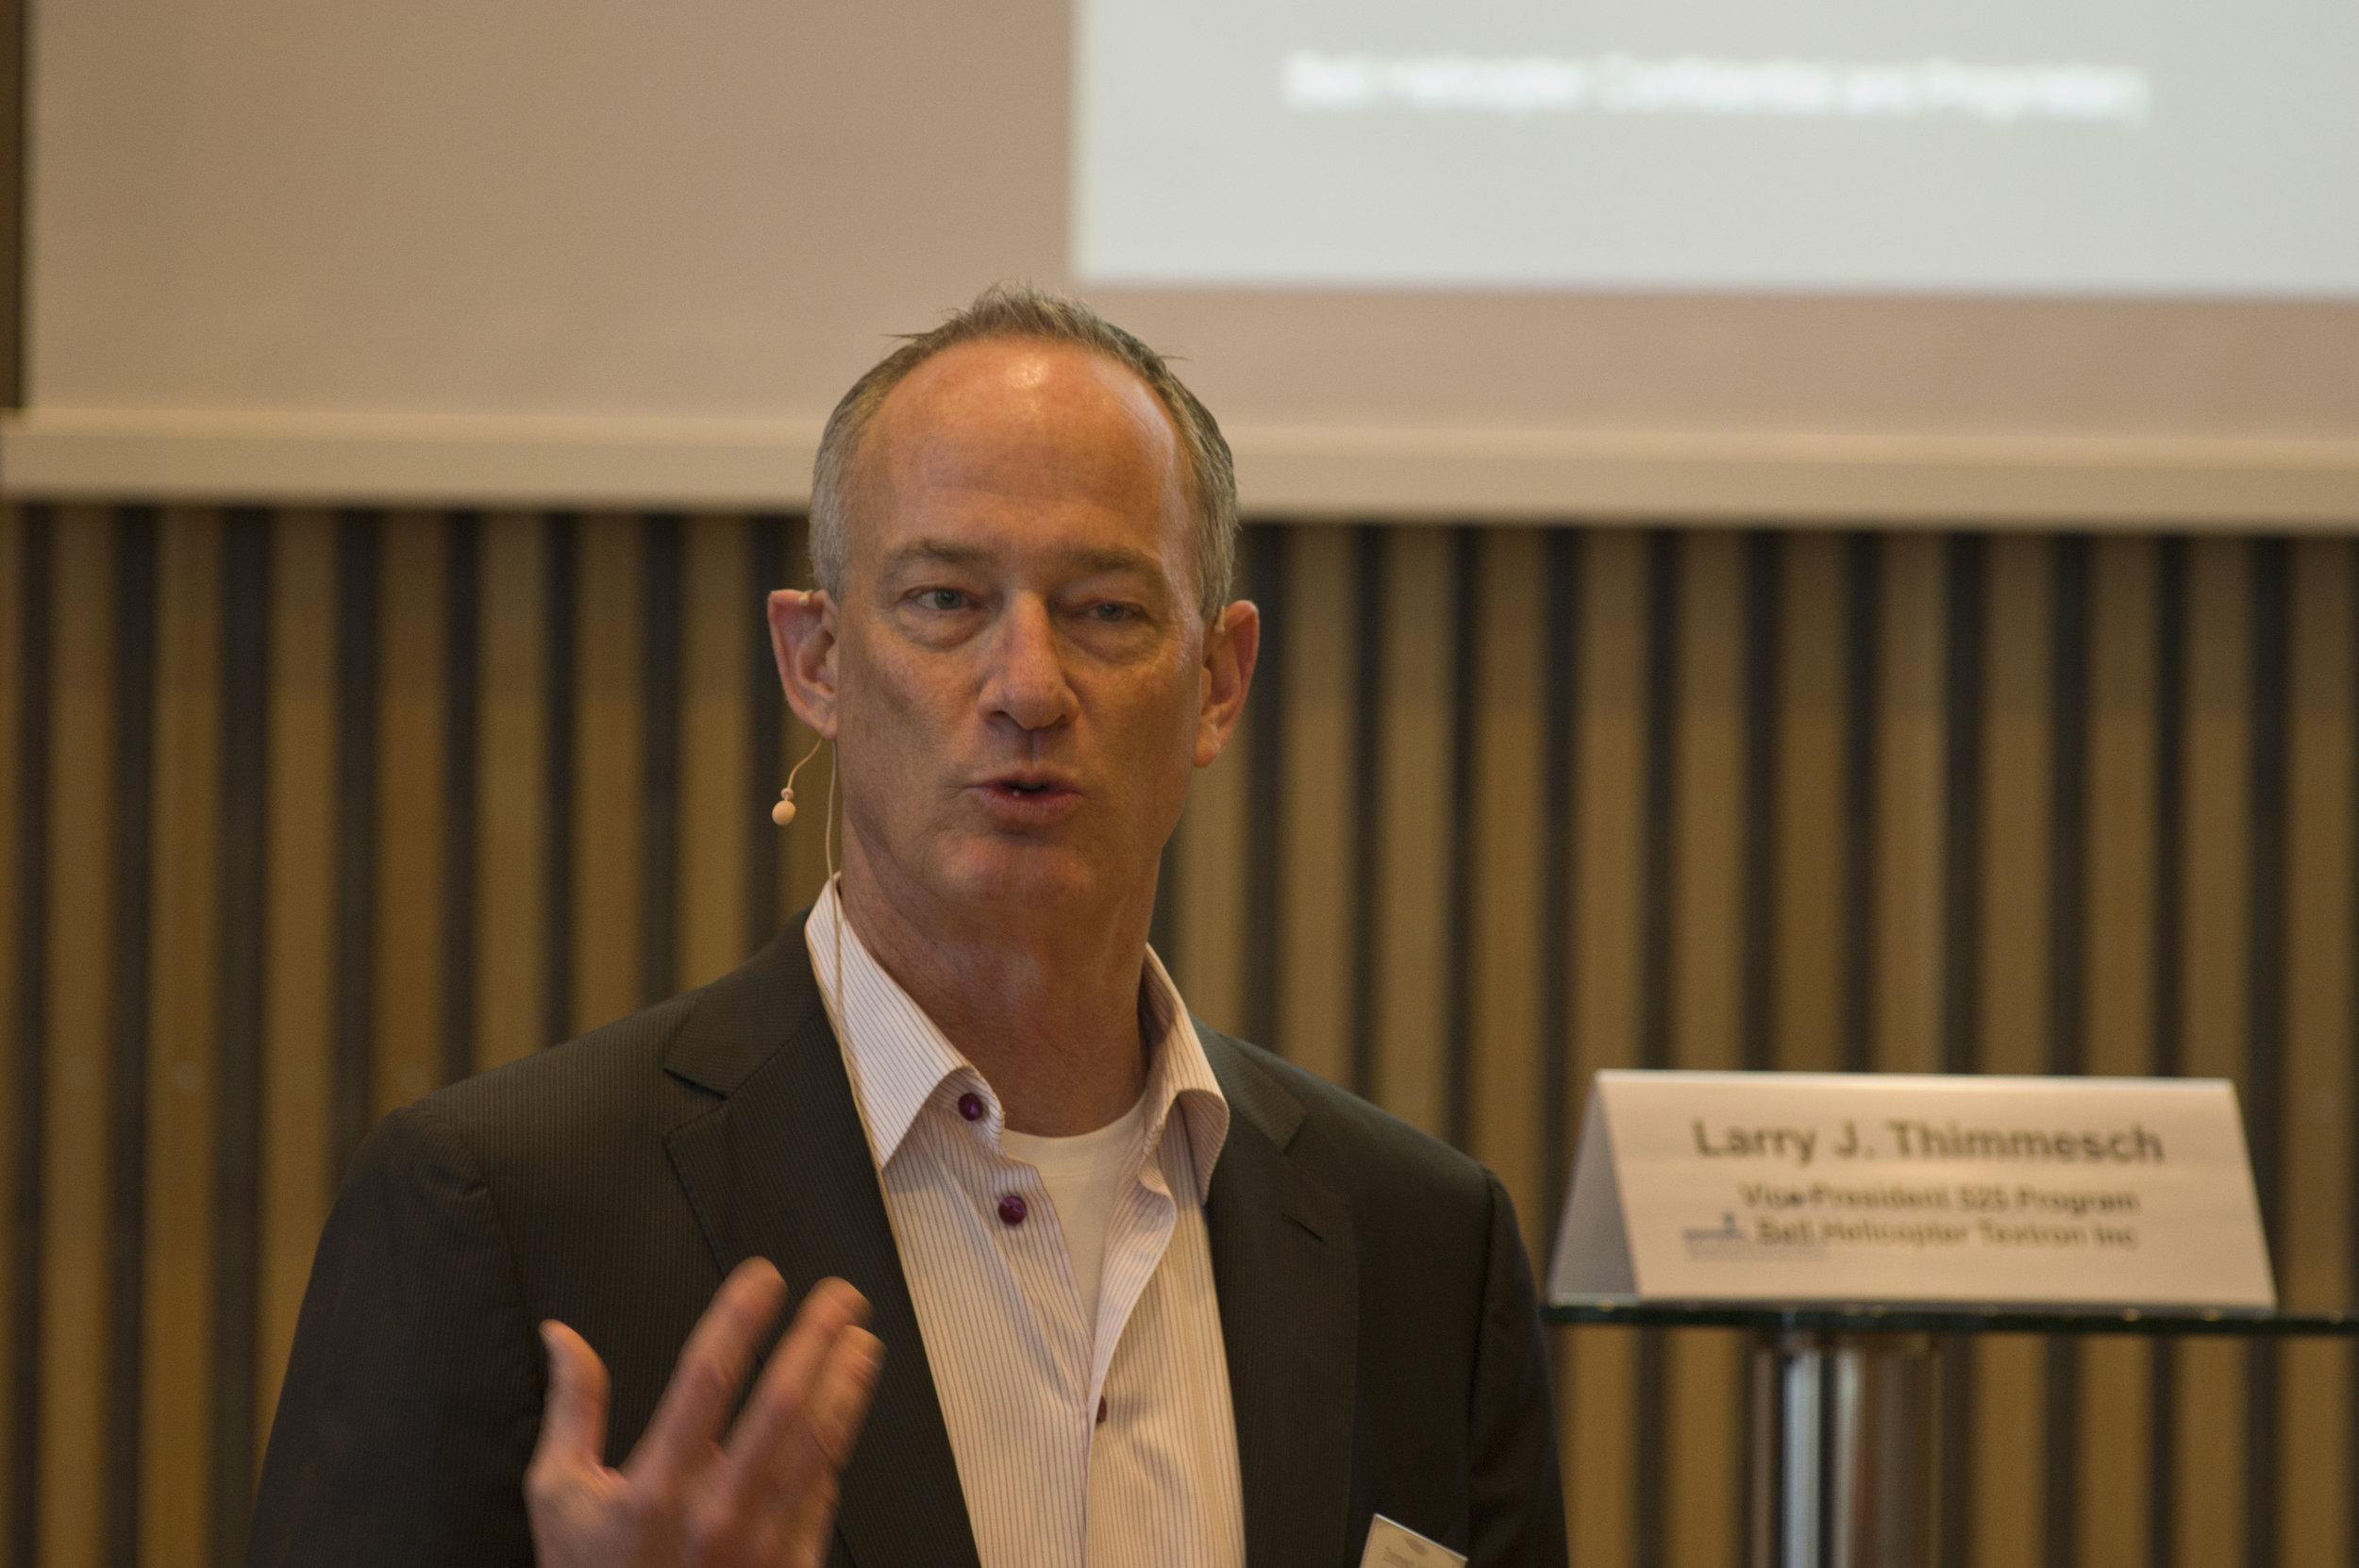 Larry J Thimmesch (2).JPG